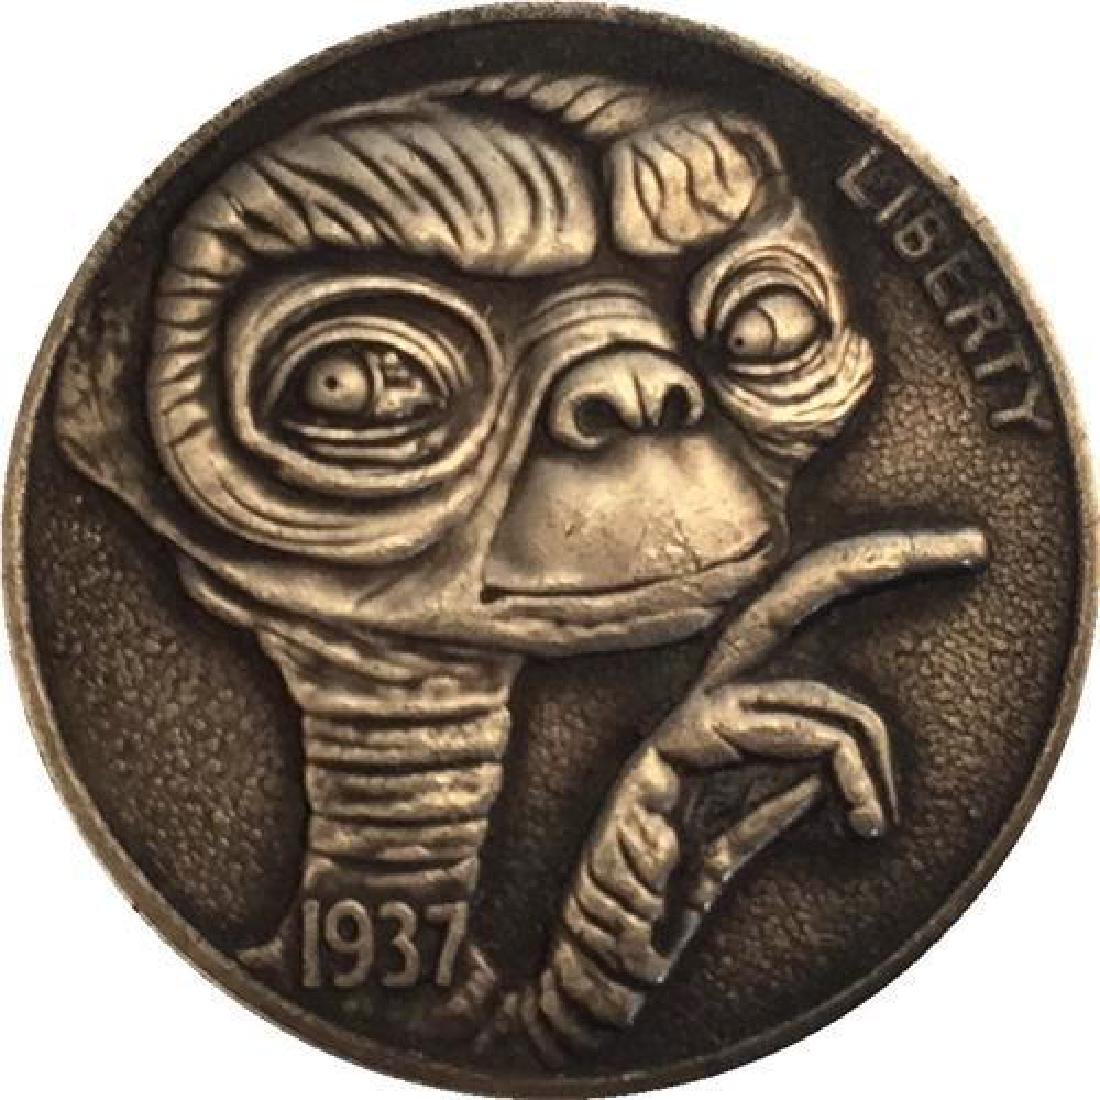 1937 E.T. Extraterrestrial Buffalo Coin